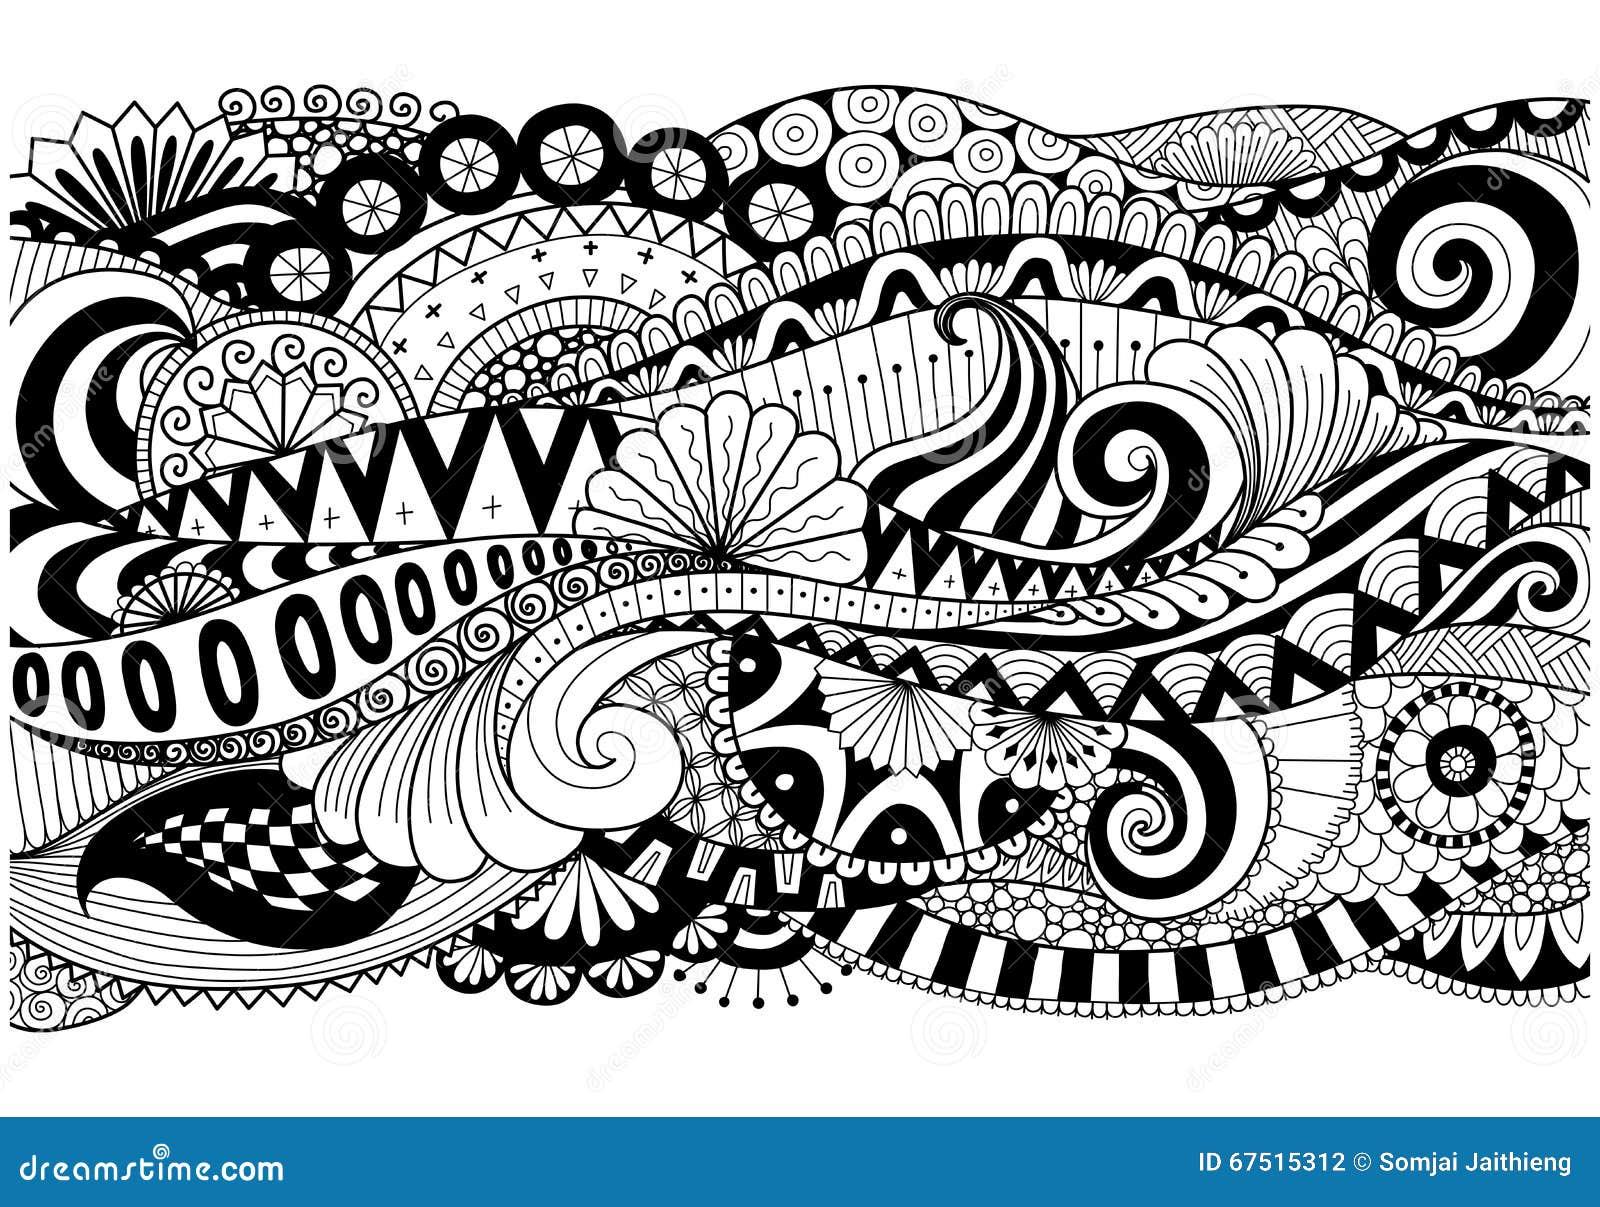 boho muster fr hintergrund dekorationen fahne malbuch karten und so weiter - Boho Muster